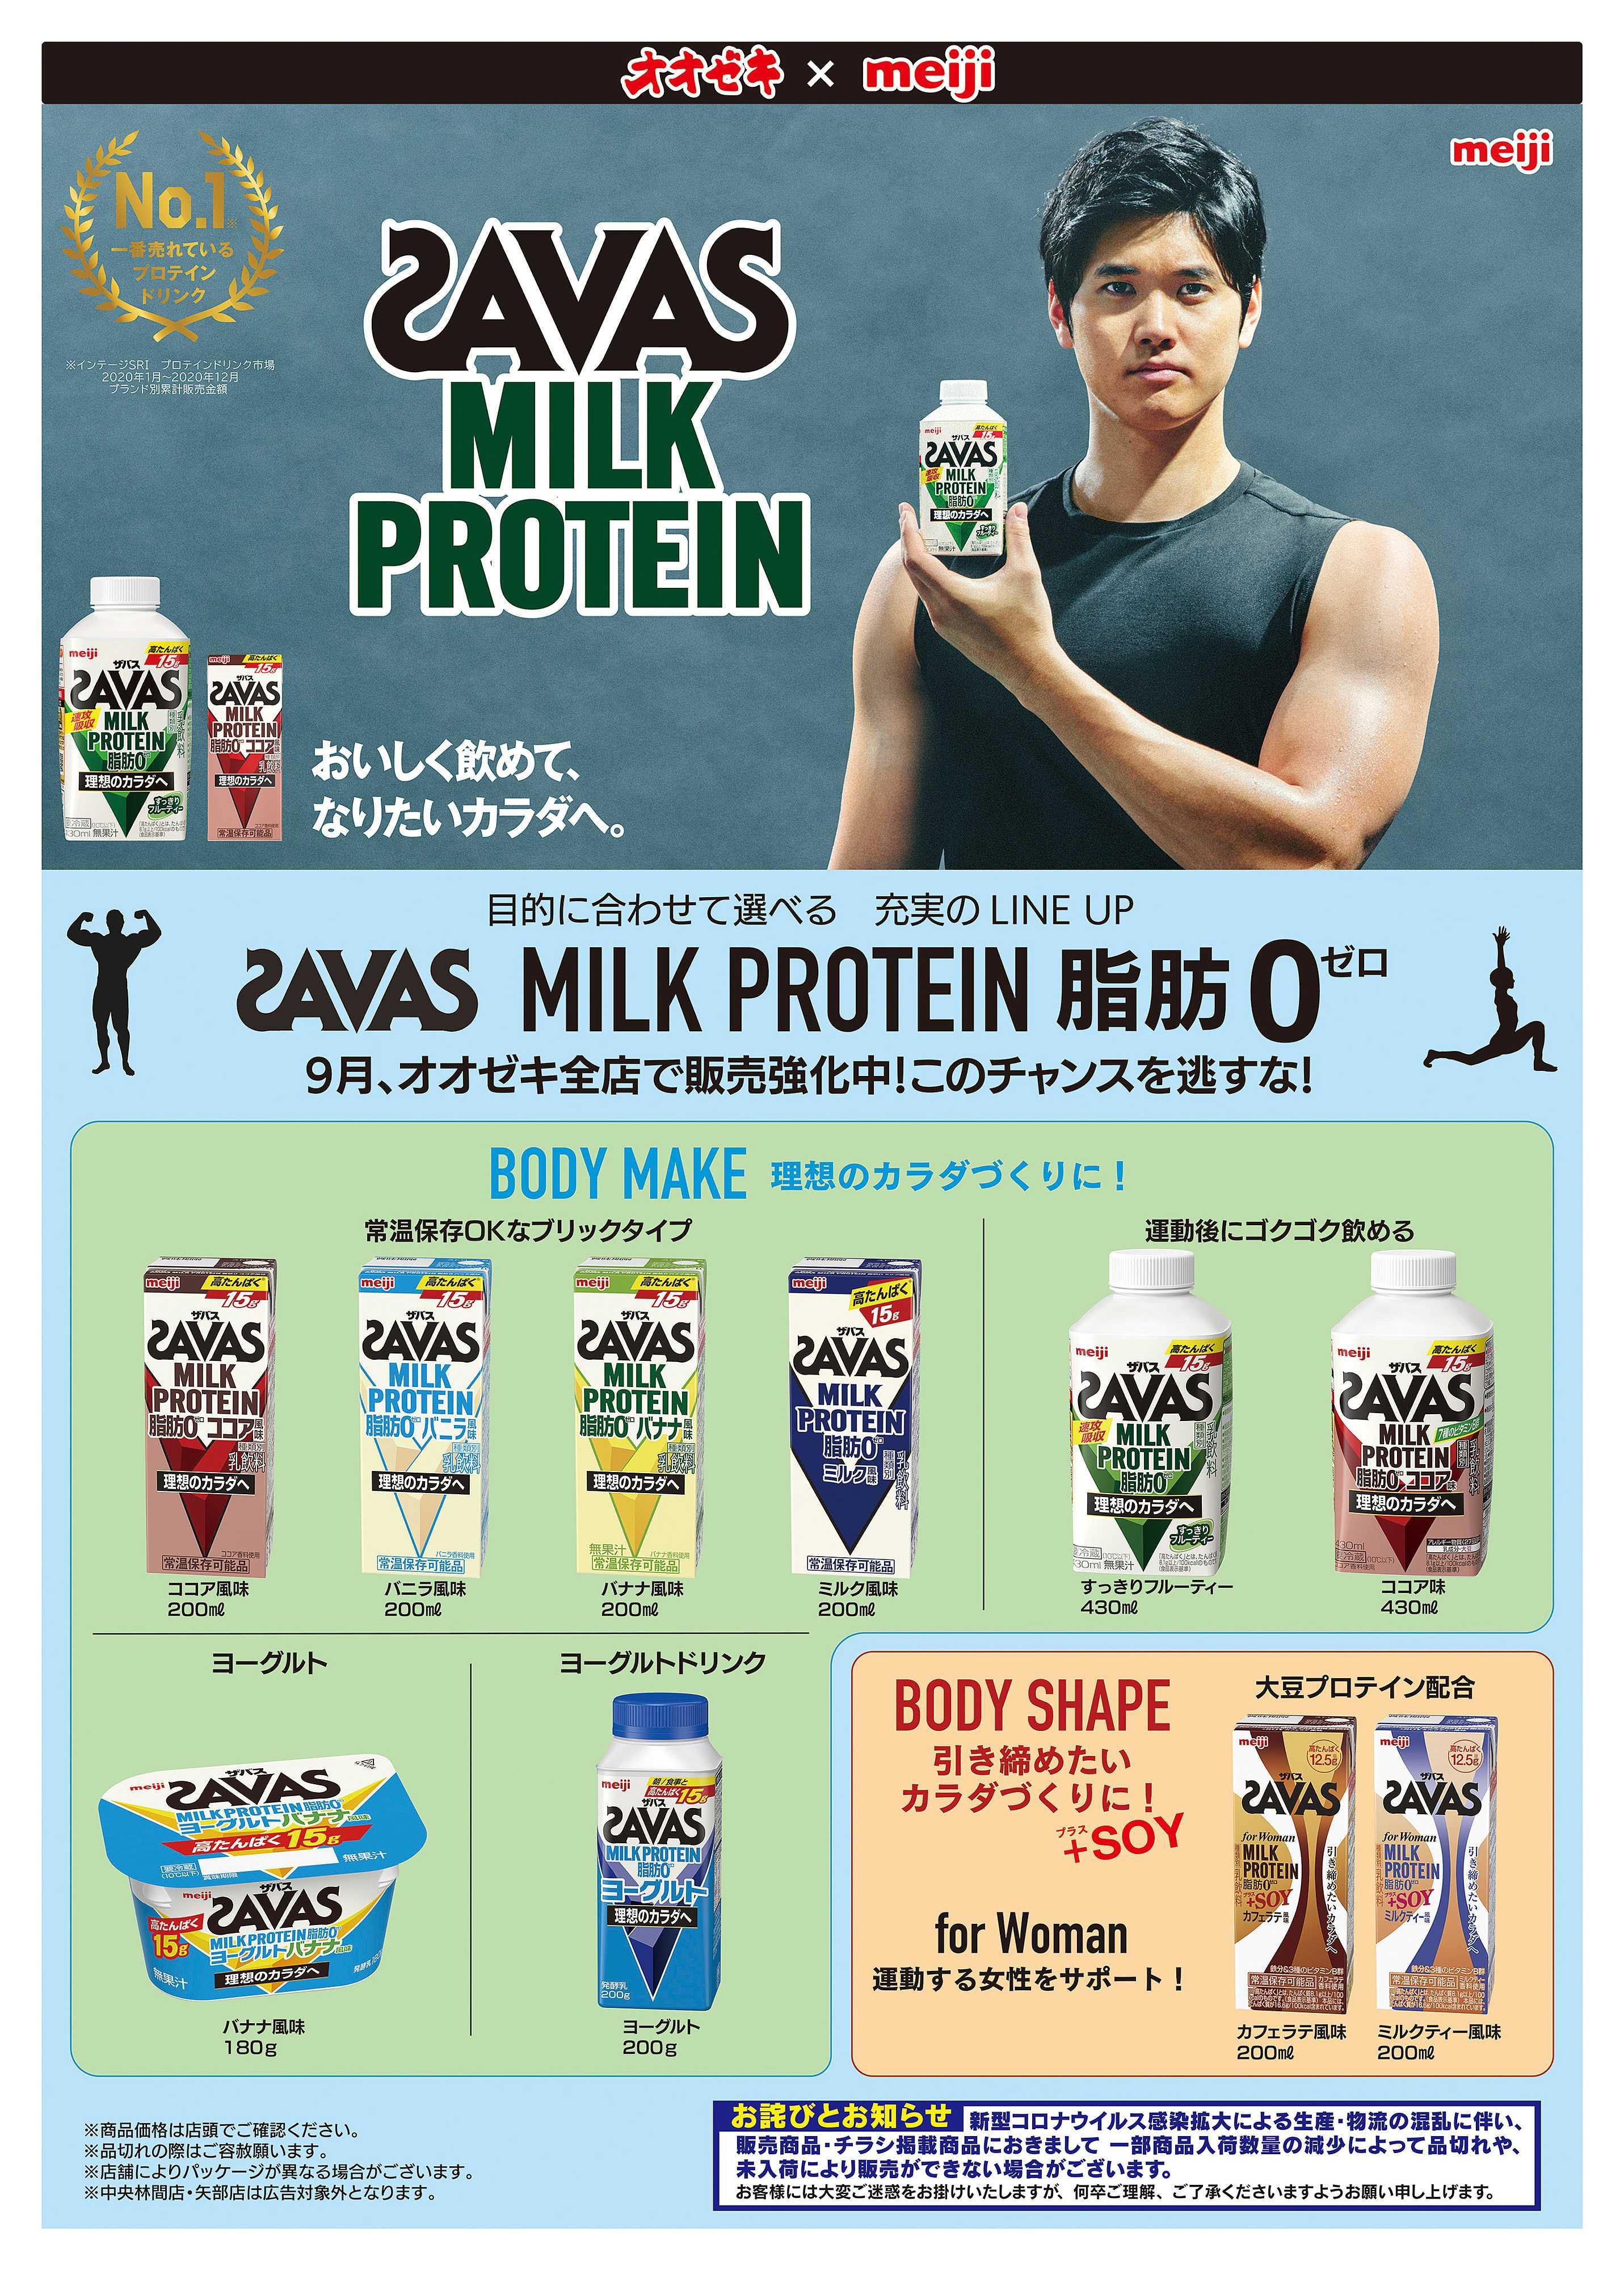 オオゼキ SAVAS 9月オオゼキ全店で販売強化中!